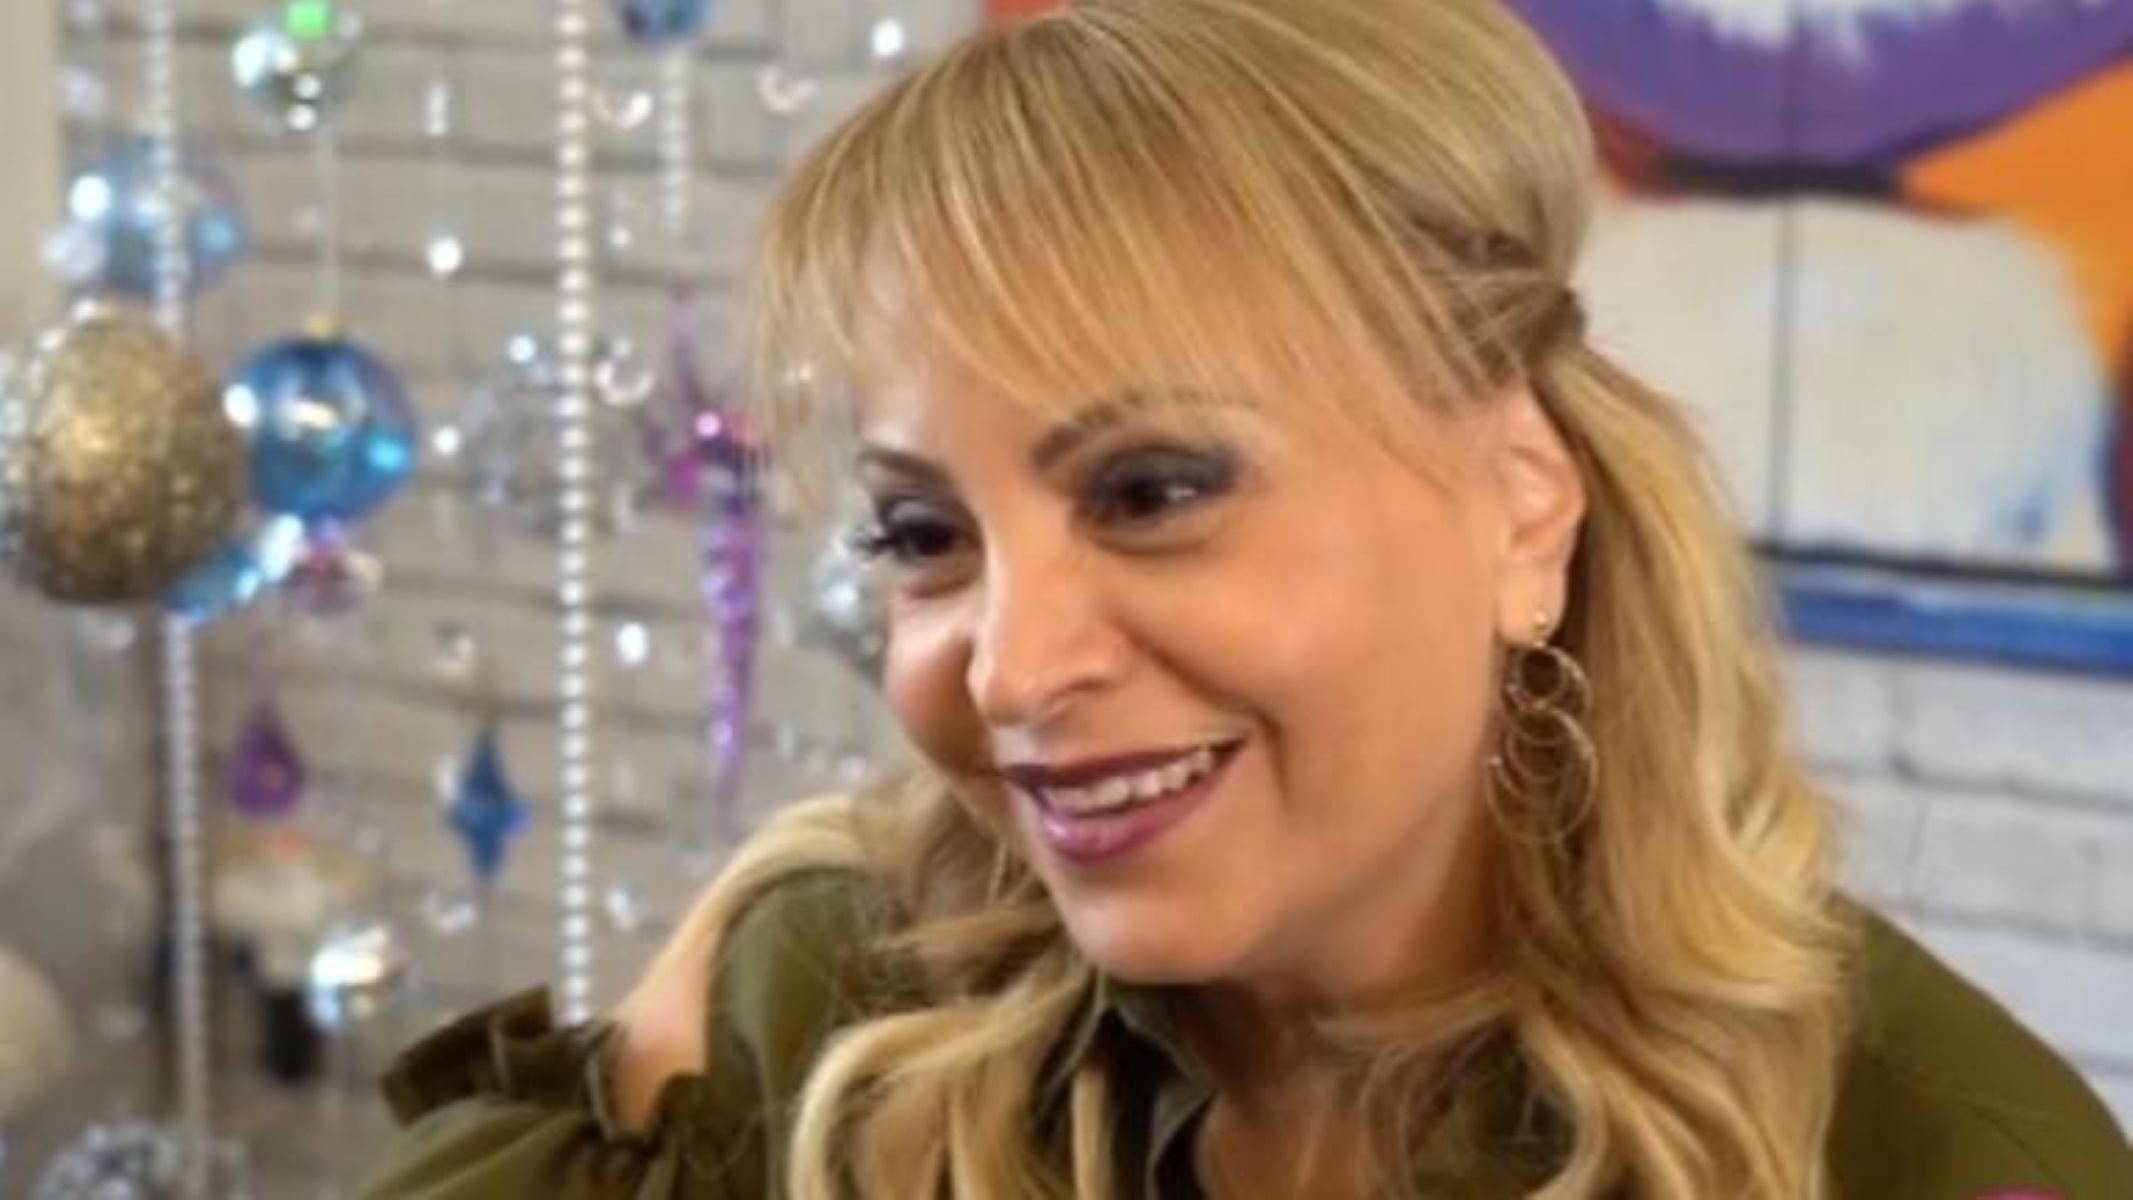 Τέτα Καμπουρέλη στο «Live News» για το ριφιφί στο Ψυχικό: Πιστεύω στην αθωότητα του συζύγου μου